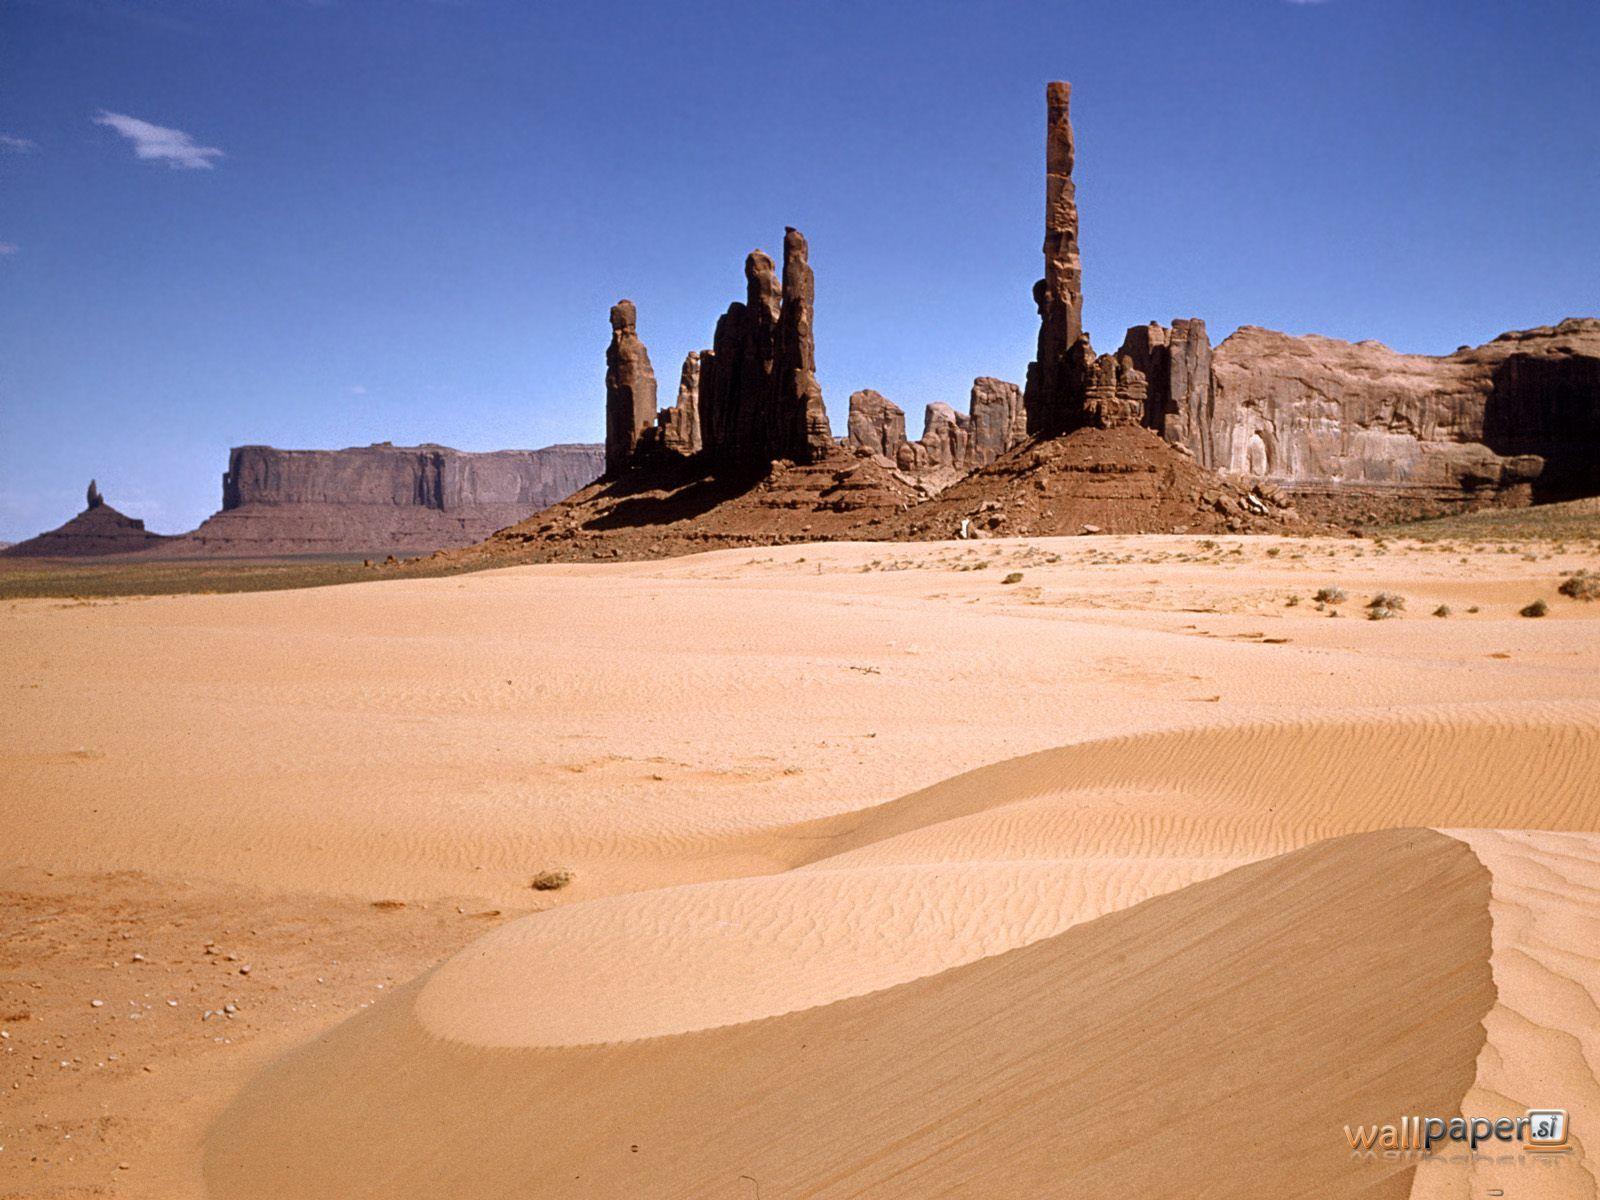 http://1.bp.blogspot.com/-eoWP3e6FzZQ/TdpLKsFs-TI/AAAAAAAADug/0fwuFrWisjs/s1600/Monuments-Desert-Southwest.jpg